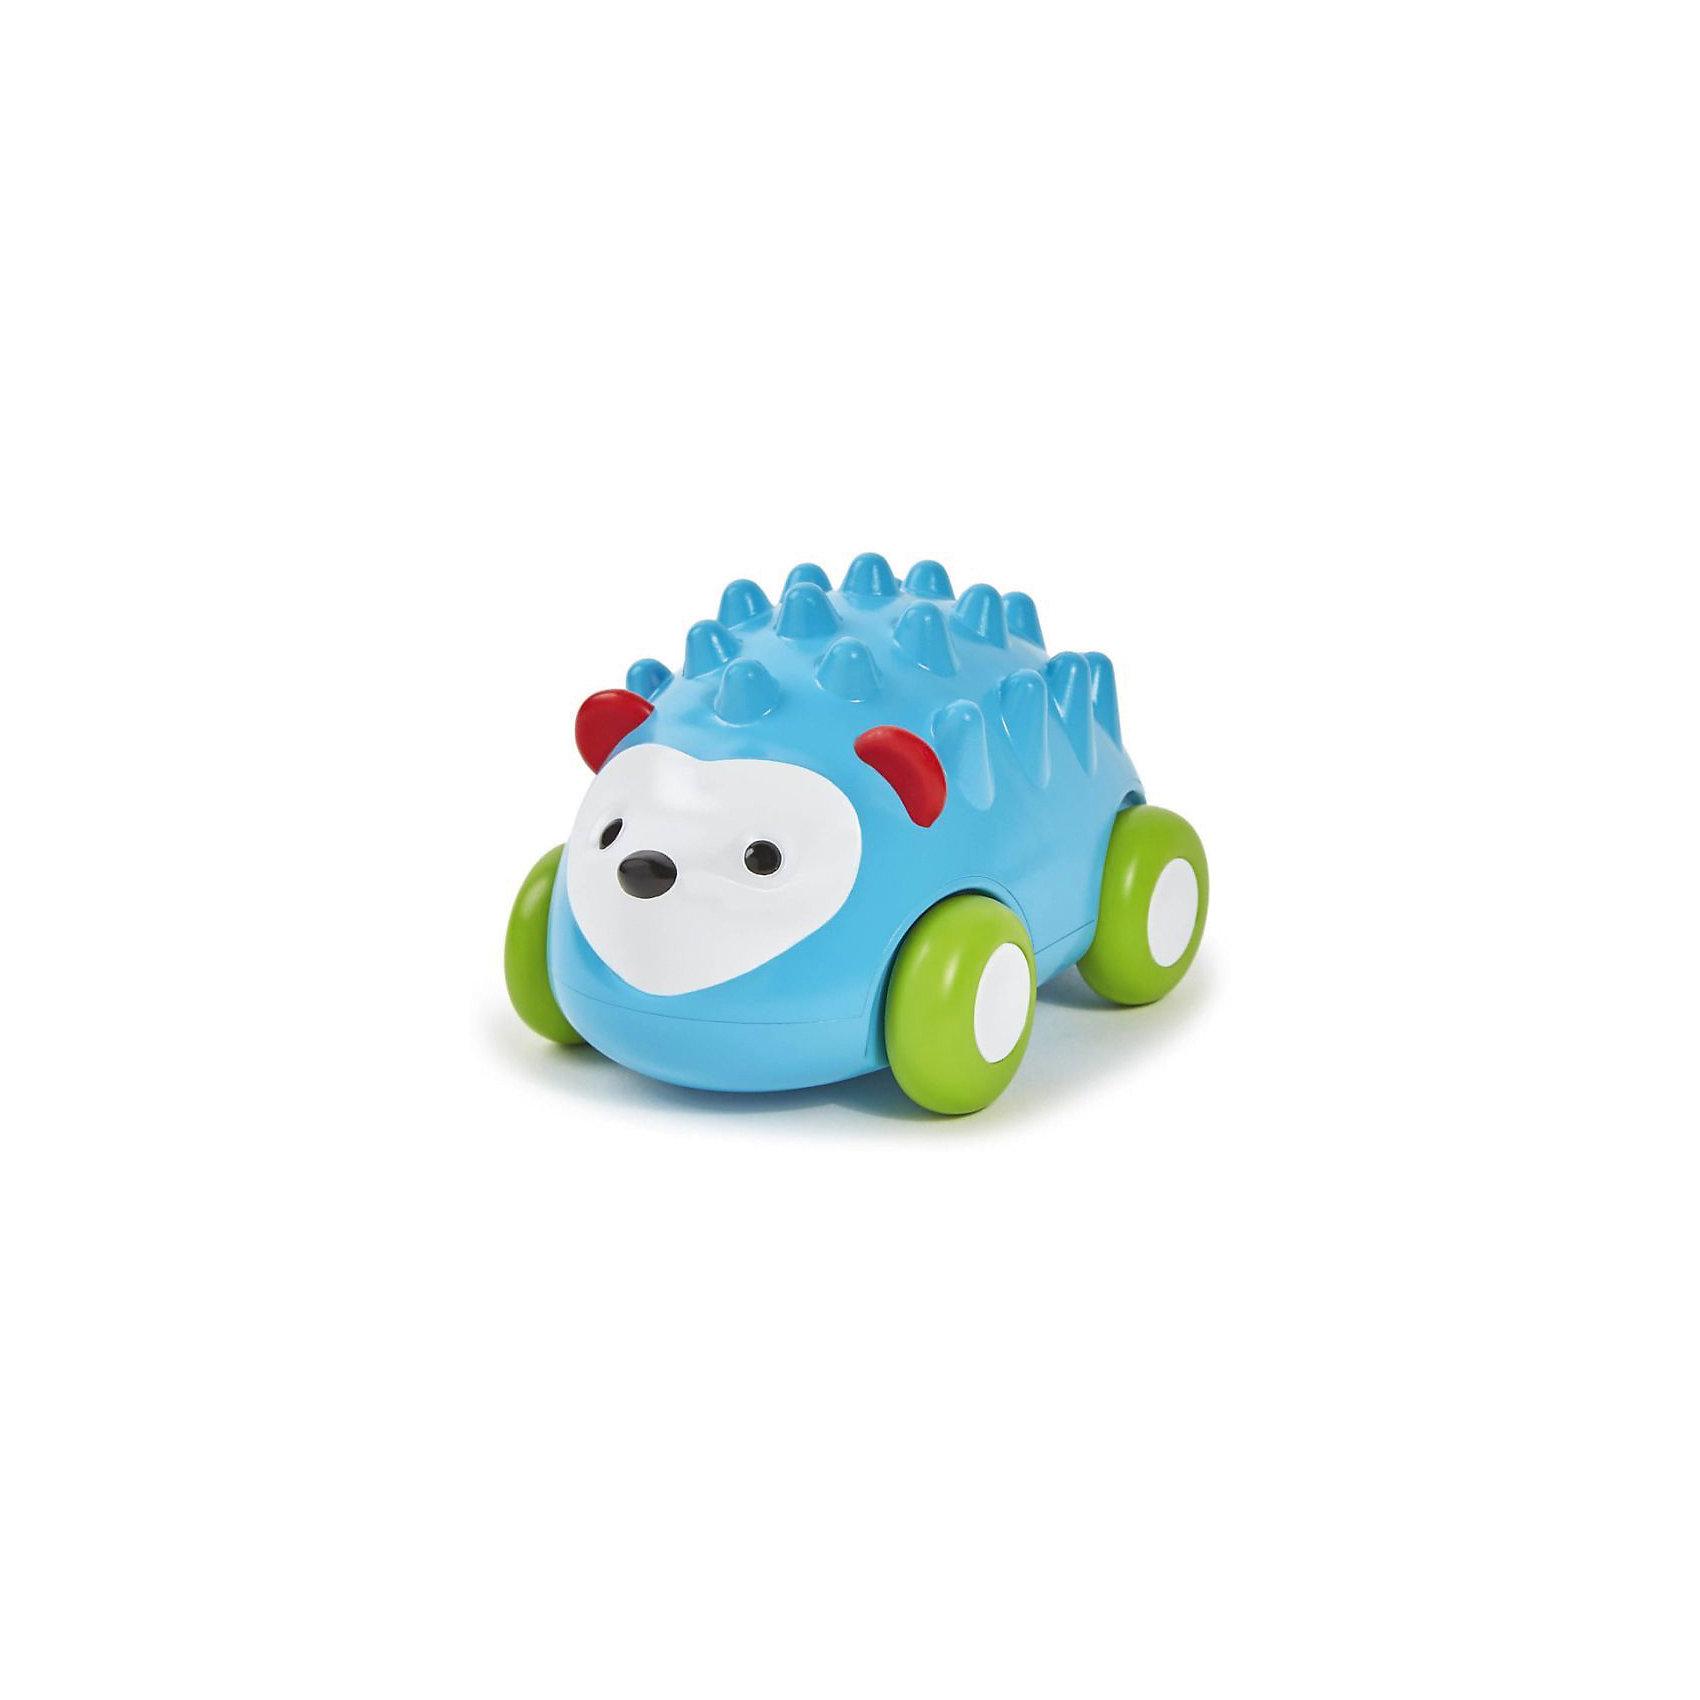 Развивающая игрушка Ежик-машинка, Skip HopРазвивающие игрушки<br>Характеристики товара:<br><br>• возраст от 12 месяцев;<br>• материал: пластик;<br>• размер игрушки 12х8х8 см;<br>• размер упаковки 14х12х10 см;<br>• вес упаковки 312 гр.;<br>• страна производитель: Китай.<br><br>Развивающая игрушка «Ежик-машинка» Skip Hop в виде голубого ежика с иголочками — увлекательная игрушка для малышей. Она представляет собой машинку, которая ездит по поверхности на колесиках. Машинка оснащена инерционным механизмом, чтобы запустить ее, надо немного оттянуть игрушку назад и отпустить. Резиновые колеса не повреждают напольное покрытие. Игрушка позволит малышу весело провести время. Она развивает у малышей моторику рук, тактильные ощущения, зрительное и цветовое восприятие. Изготовлена из качественного безвредного пластика.<br><br>Развивающую игрушку «Ежик-машинка» Skip Hop можно приобрести в нашем интернет-магазине.<br><br>Ширина мм: 140<br>Глубина мм: 100<br>Высота мм: 120<br>Вес г: 312<br>Возраст от месяцев: 24<br>Возраст до месяцев: 72<br>Пол: Унисекс<br>Возраст: Детский<br>SKU: 5608264